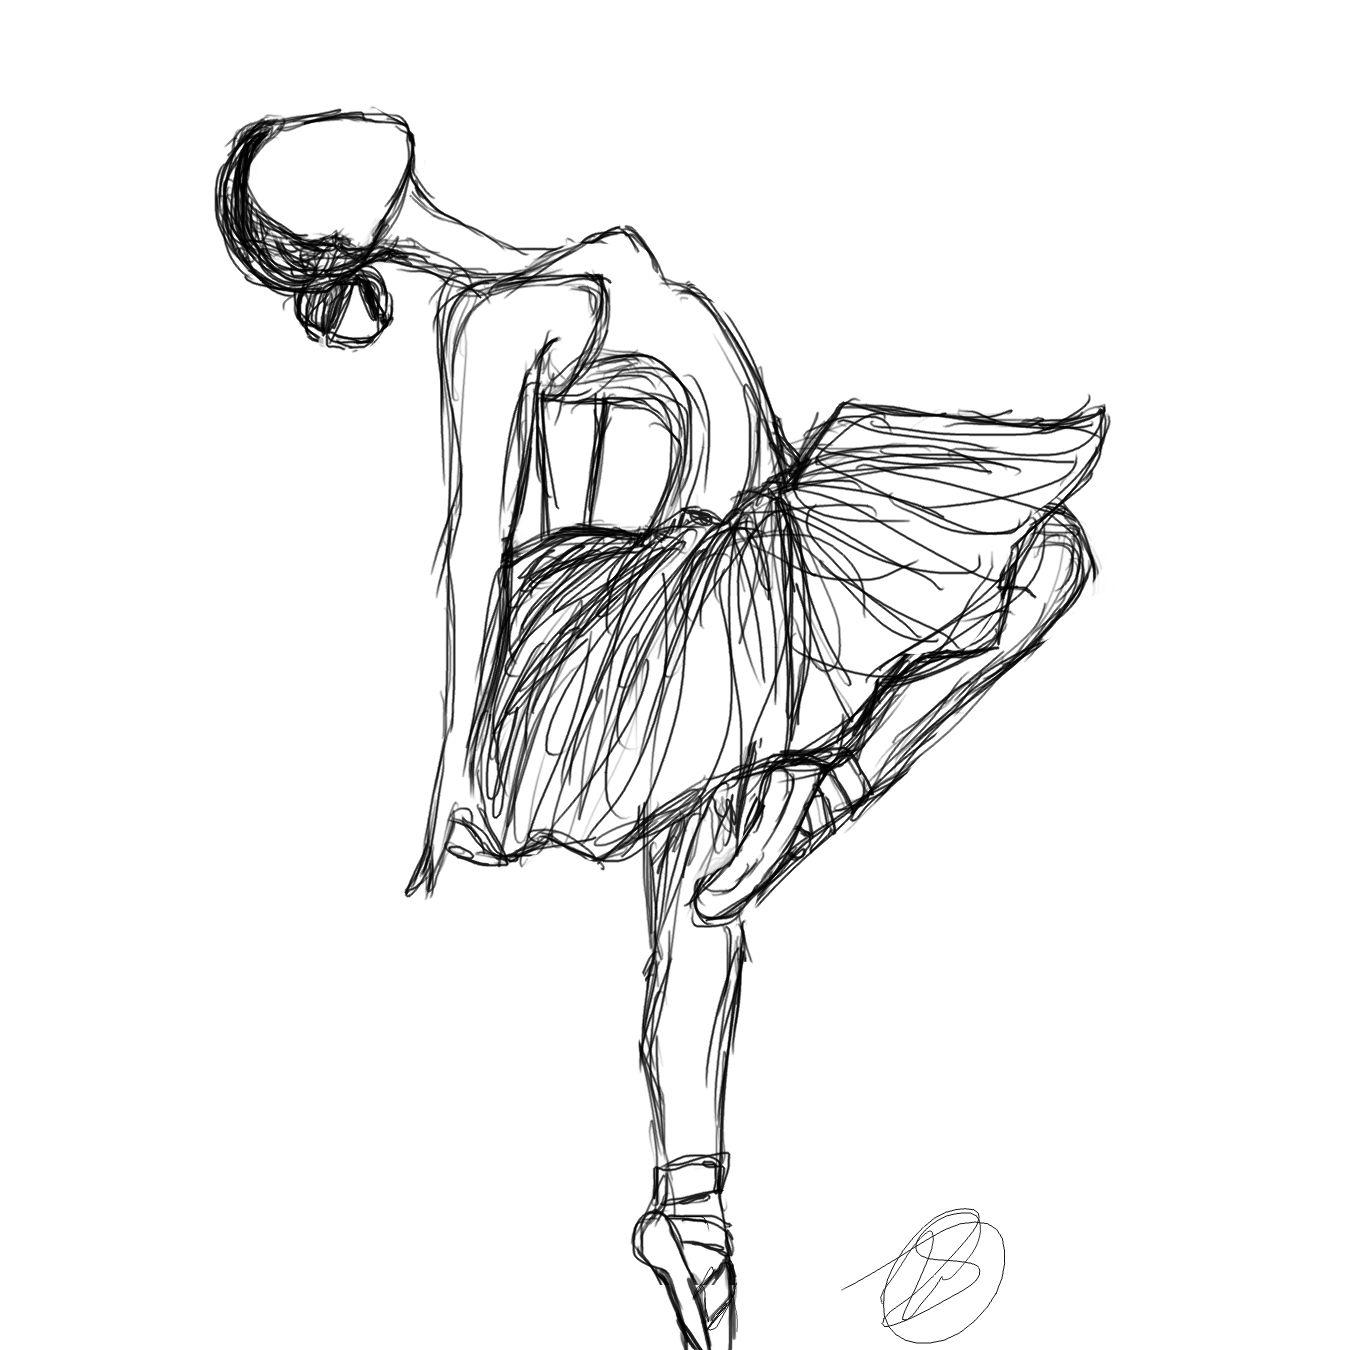 Disegno Ballerina Classica Disegni Da Colorare Imagixs Dance